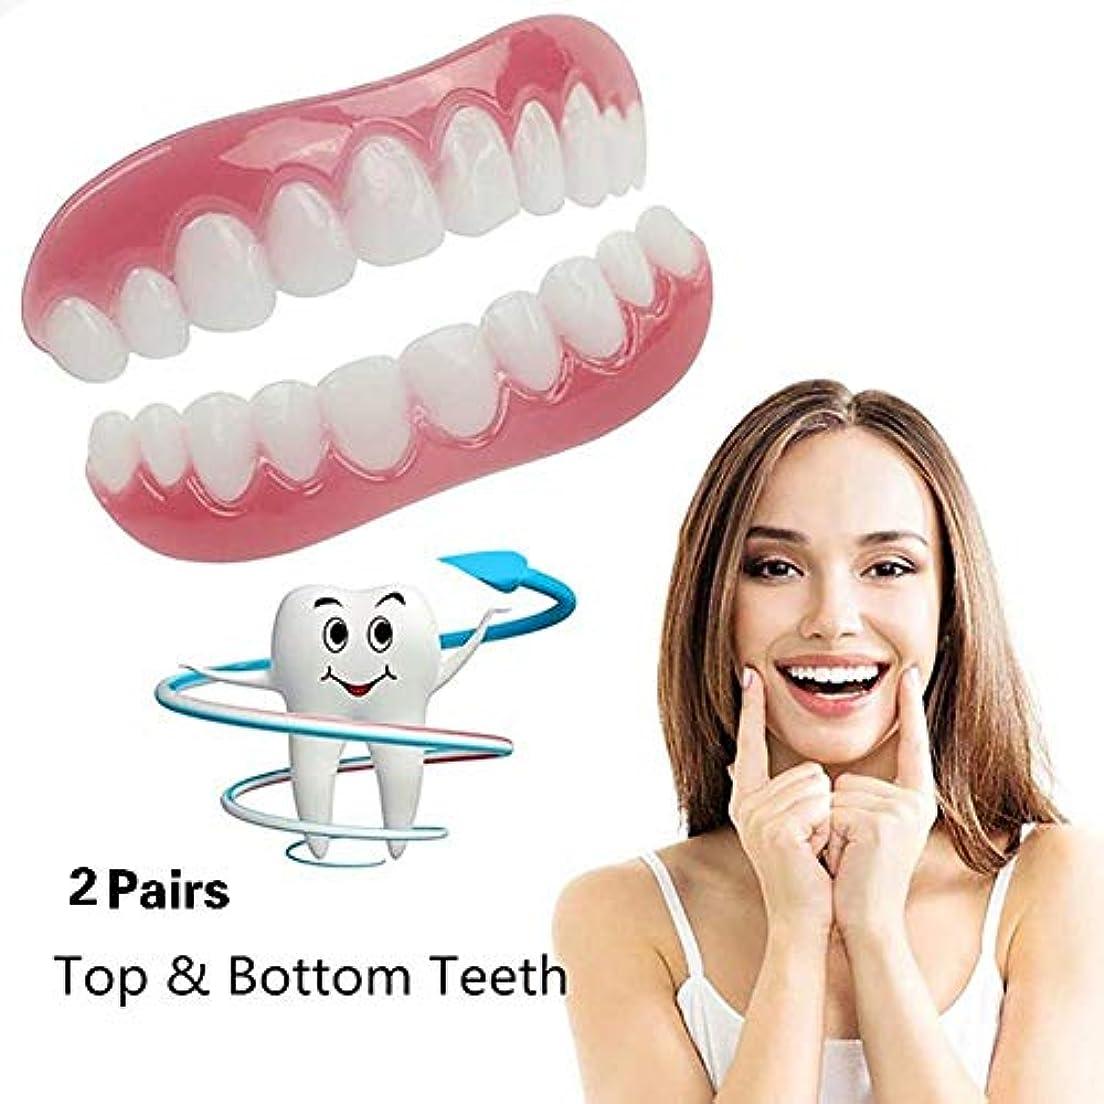 思いつく素朴な人生を作る2対のシリコーンの歯のベニヤの歯の快適さのフィットフレックス化粧品の歯義歯の歯のトップとボトム化粧品のベニヤのシミュレーションのブレースワンサイズフィットすべて